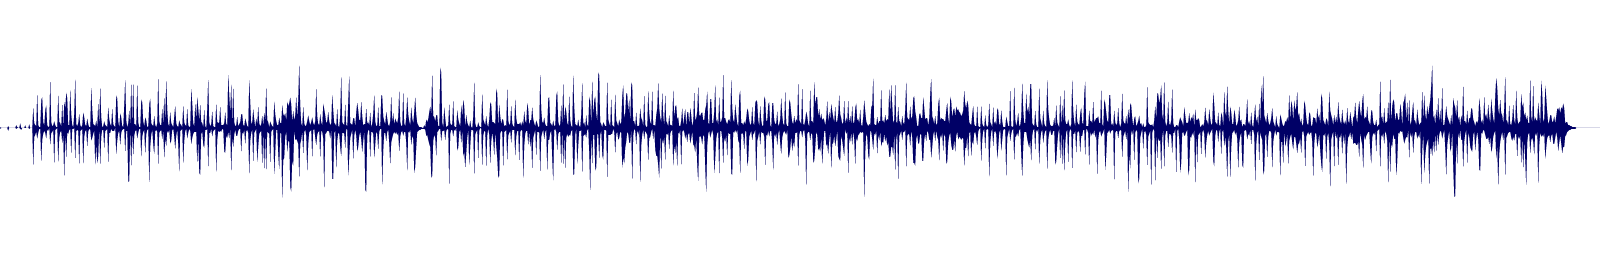 waveform of track #110727